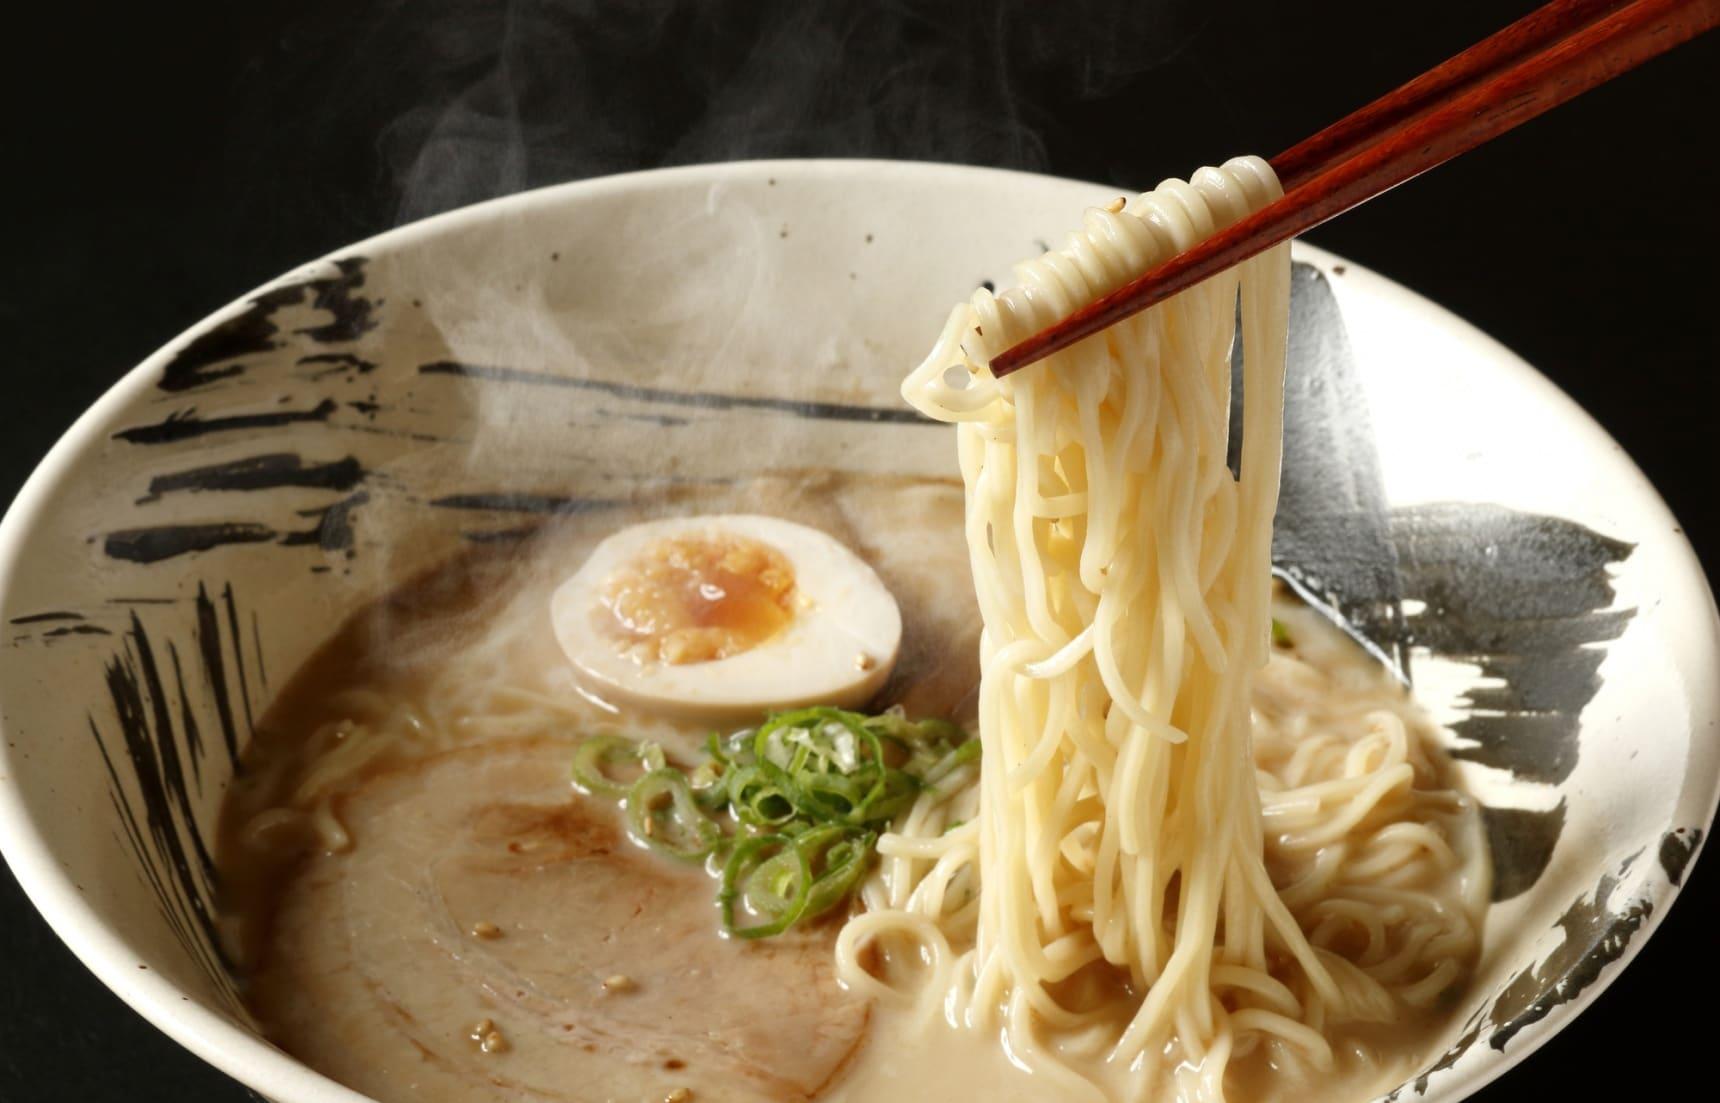 吃拉麵環遊全日本!日本全國15間拉麵主題館整理